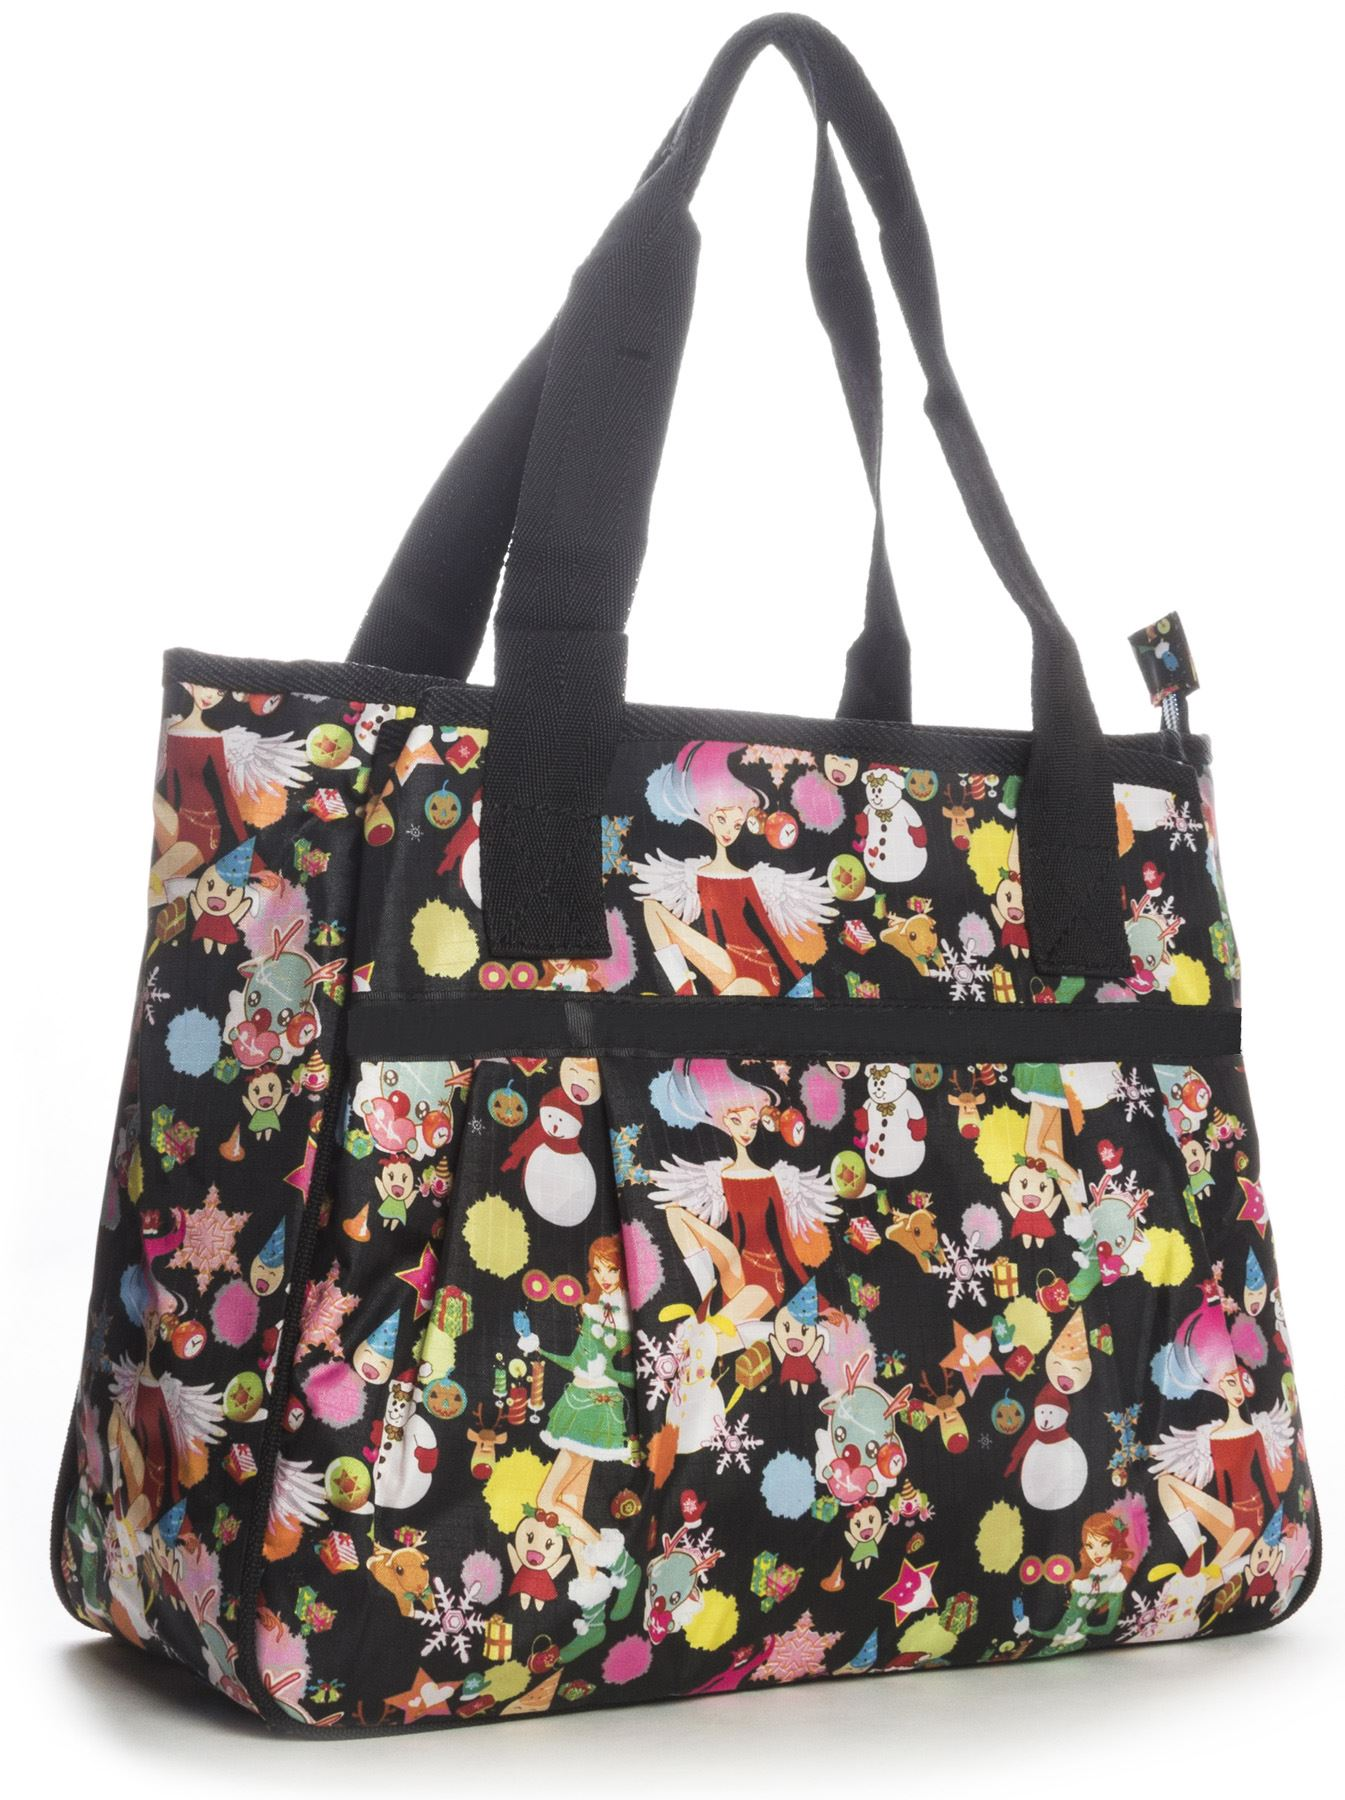 Big Handbag Shop Unisex Taschen Mit Reißverschluss Cartoon Leicht Tragetasche